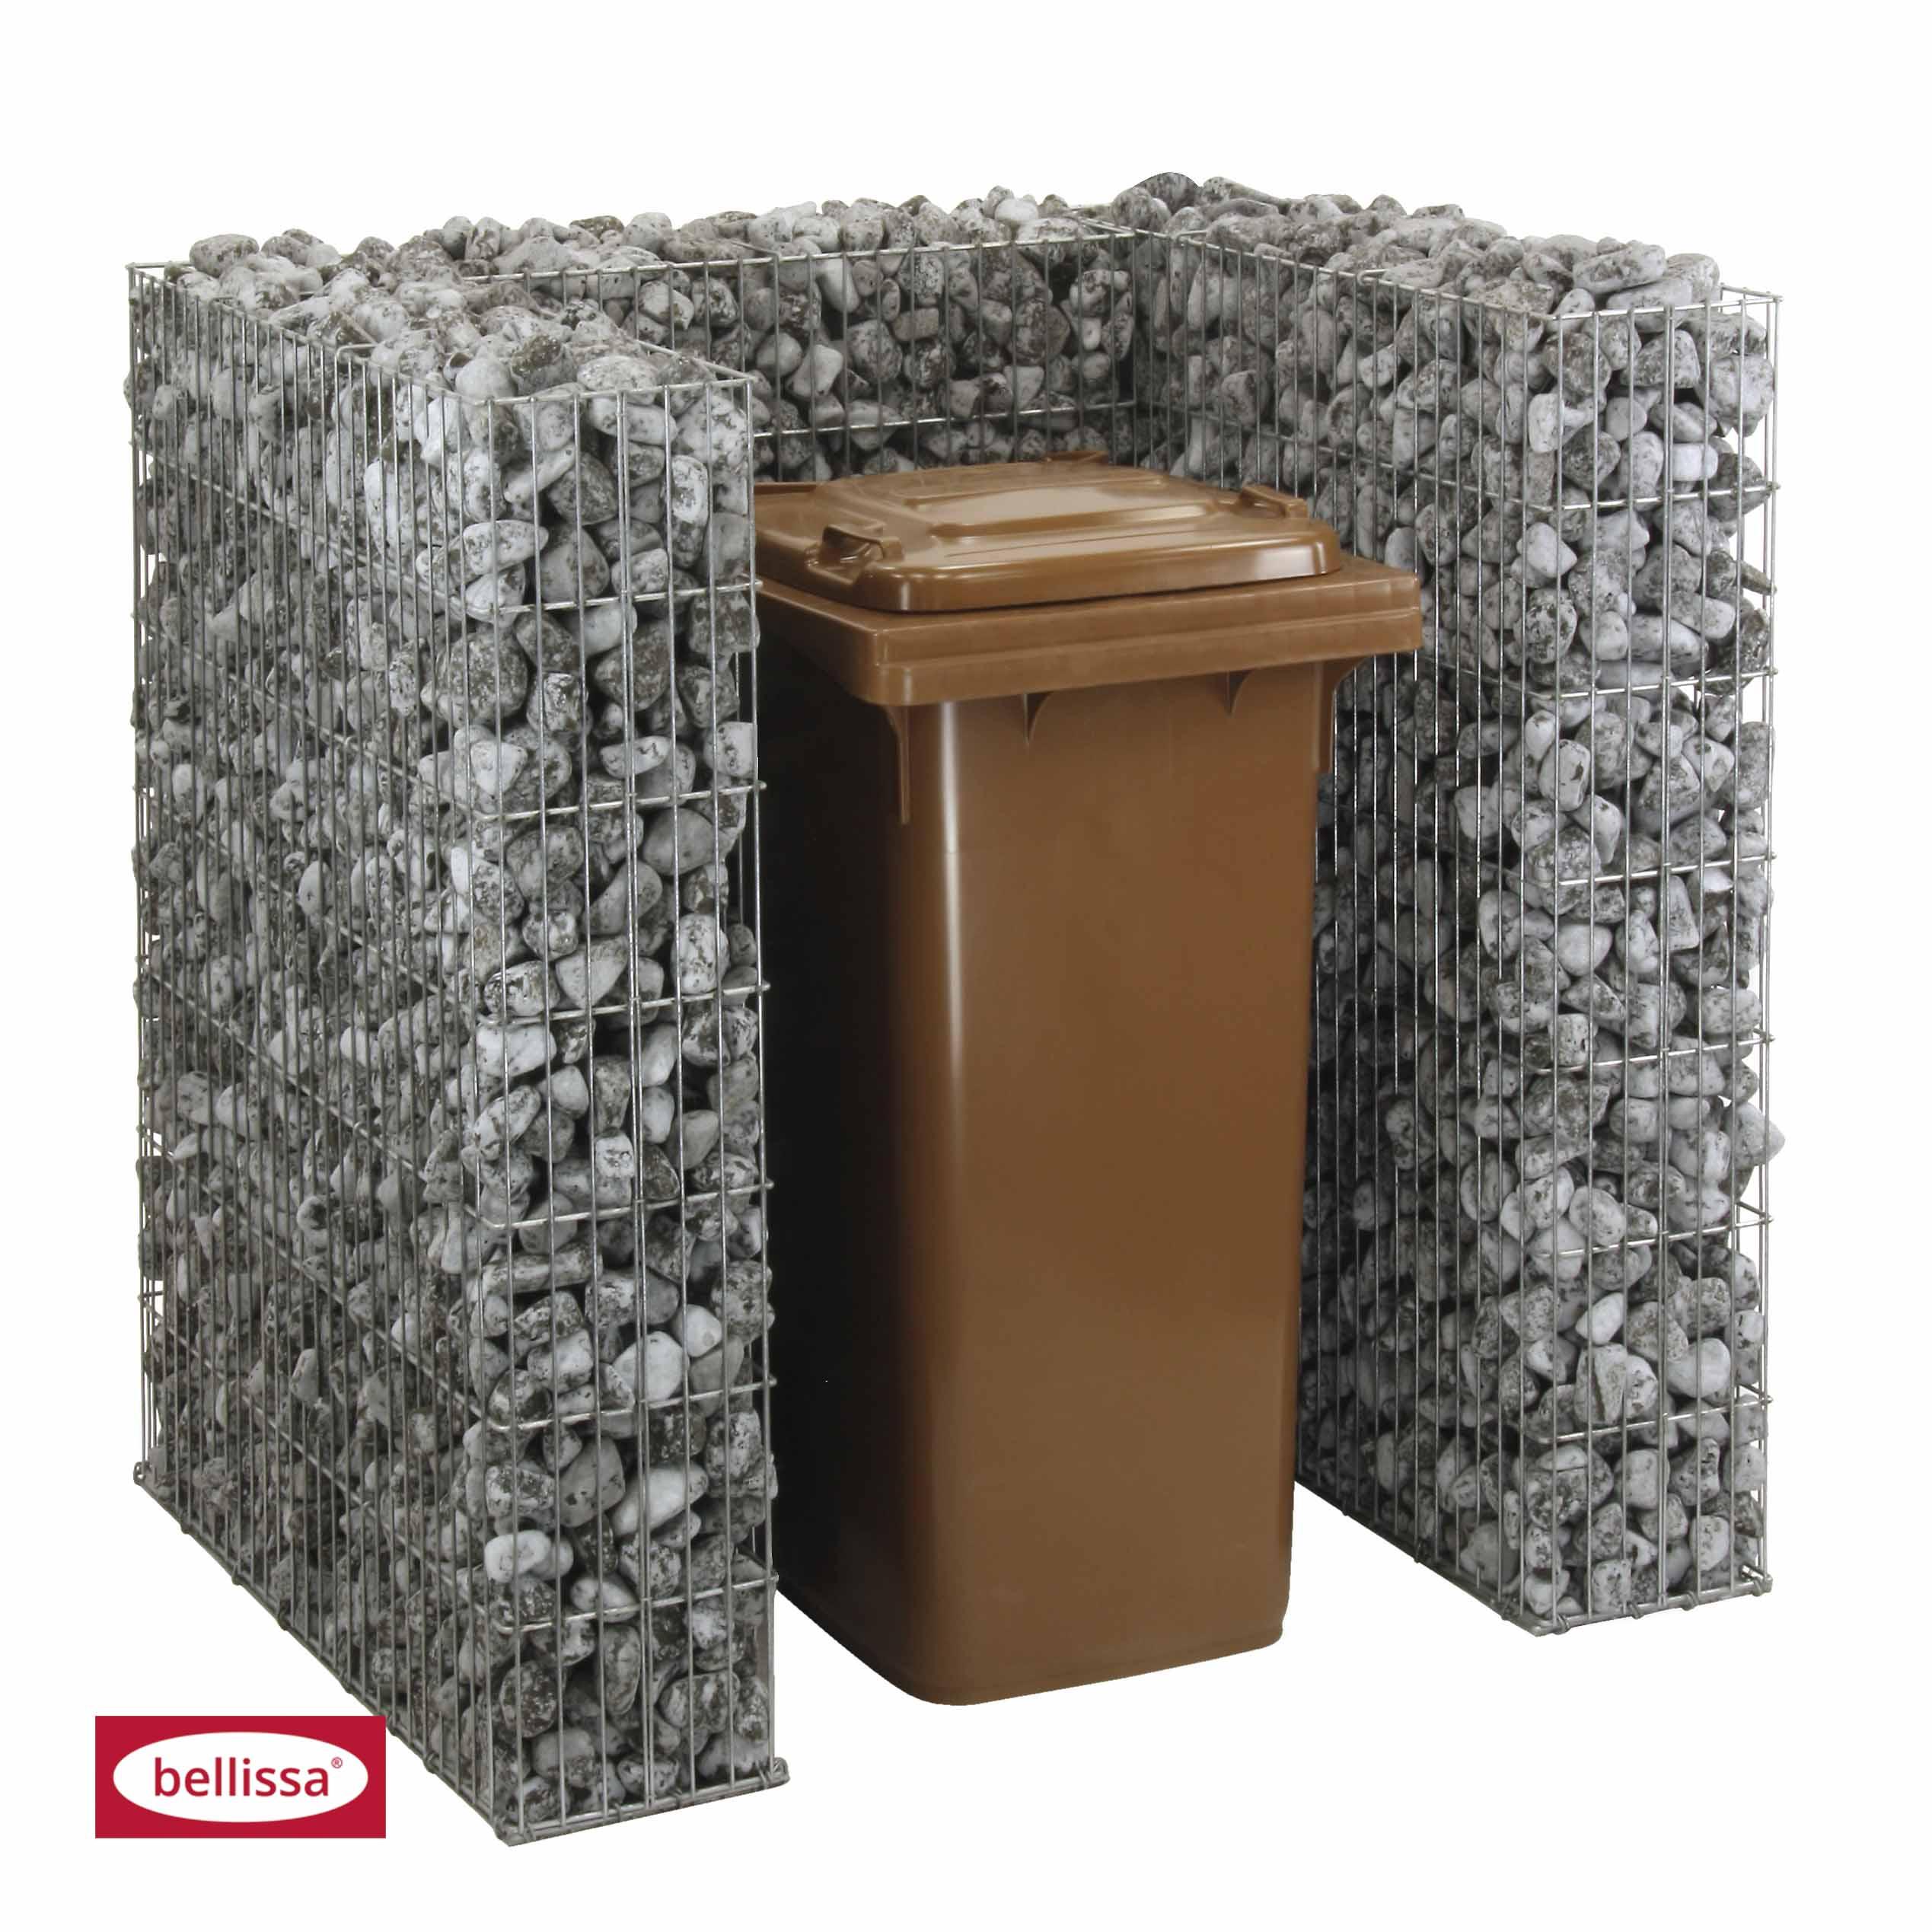 Mülltonnengabionenset für 1 Tonne 101,5x (112x120 cm)